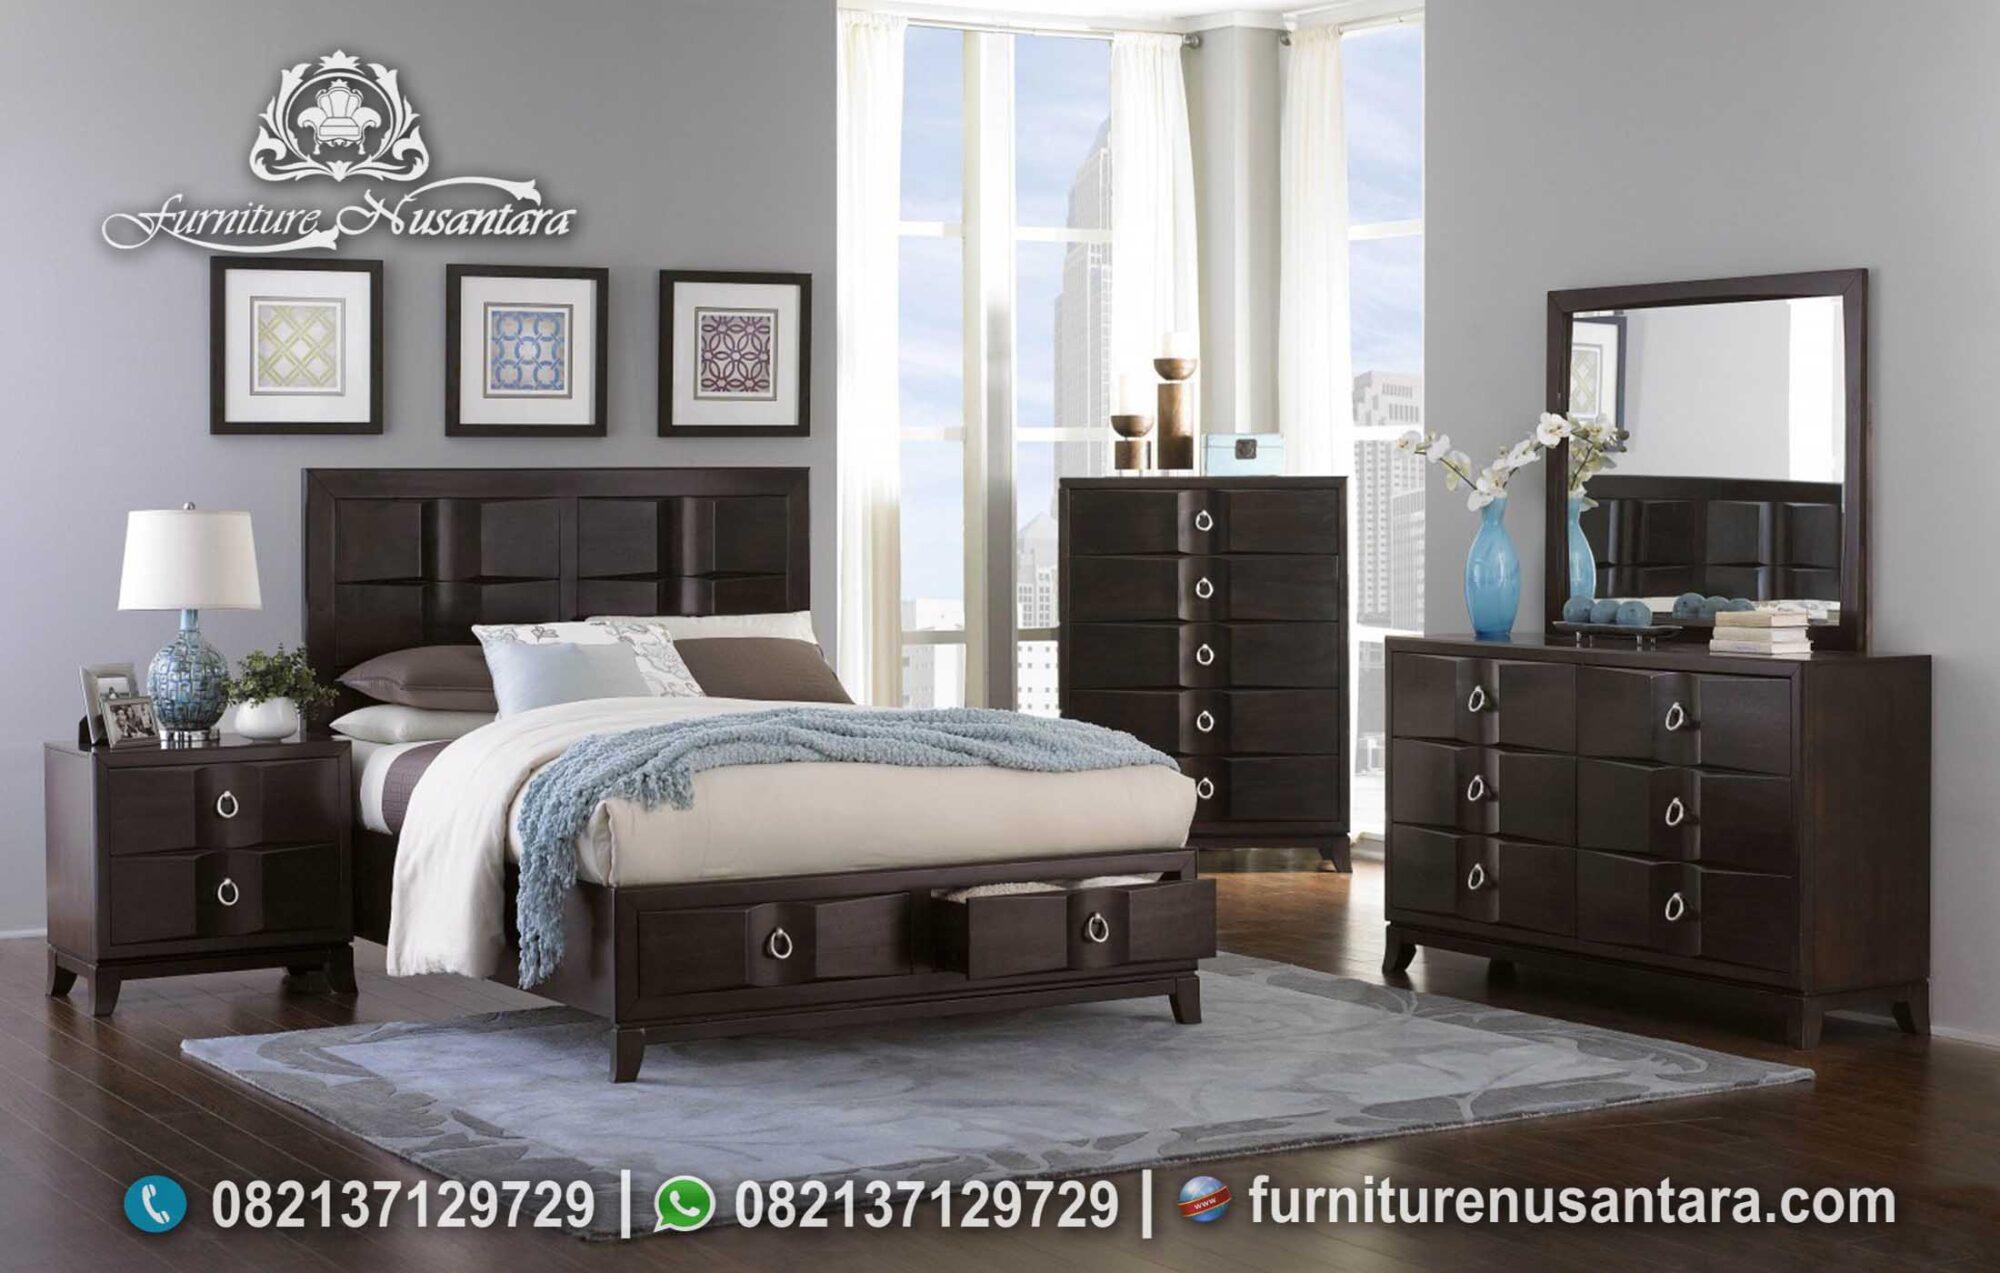 Inspirasi Model Kamar Tidur Minimalis Terbaru KS-207, Furniture Nusantara